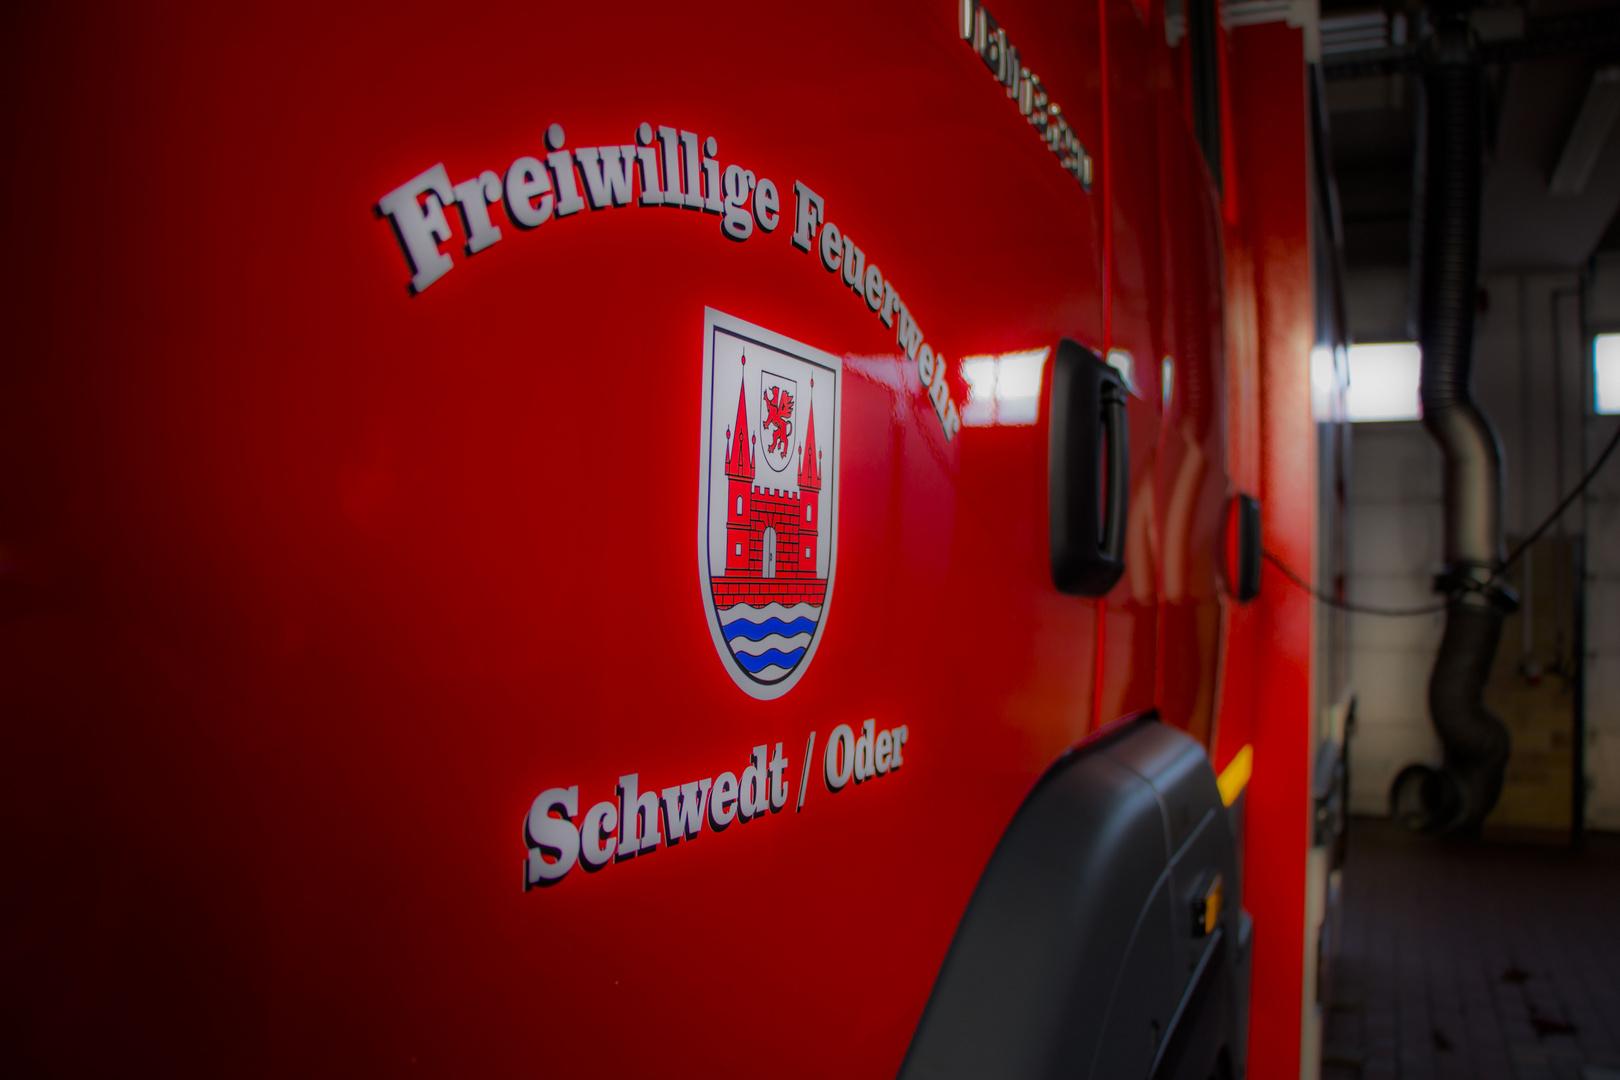 Feuerwehr Schwedt